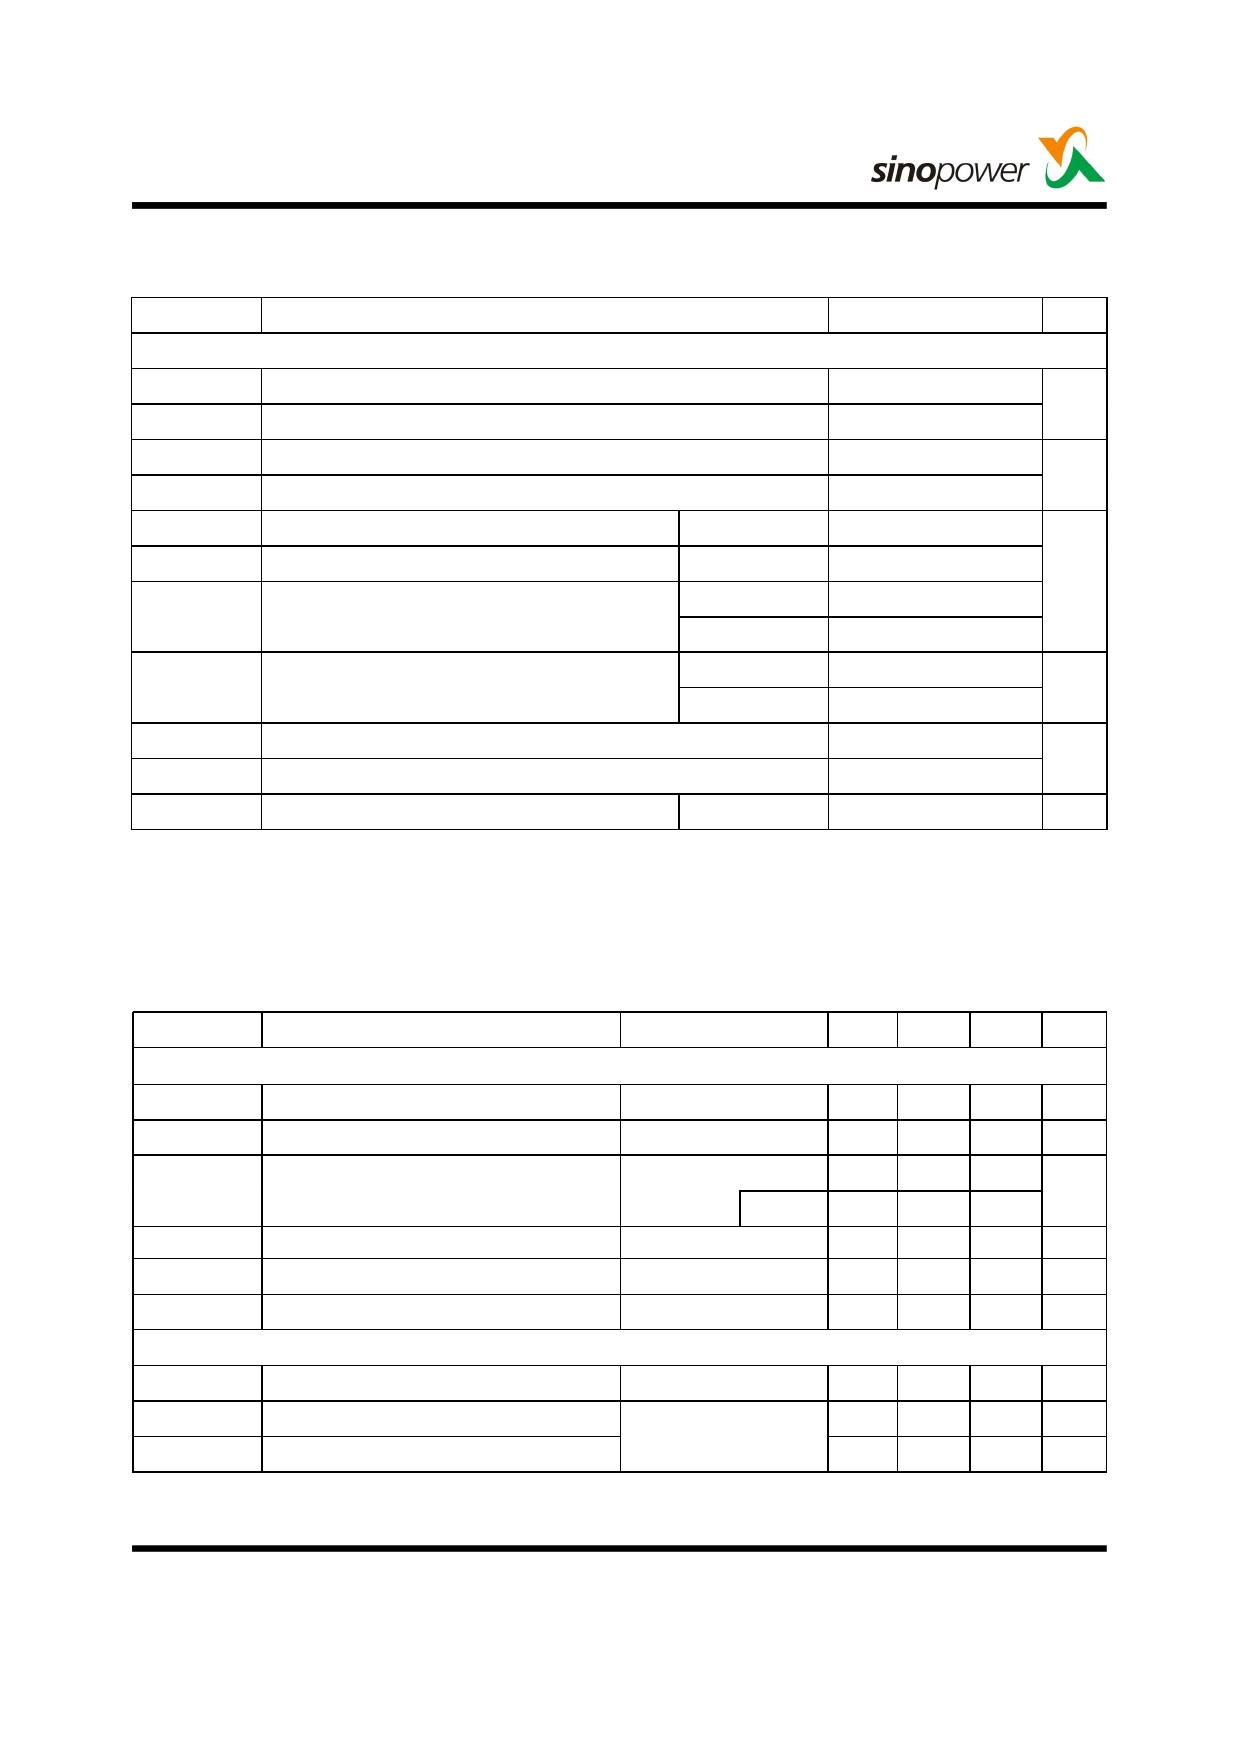 SM7580NSFH pdf